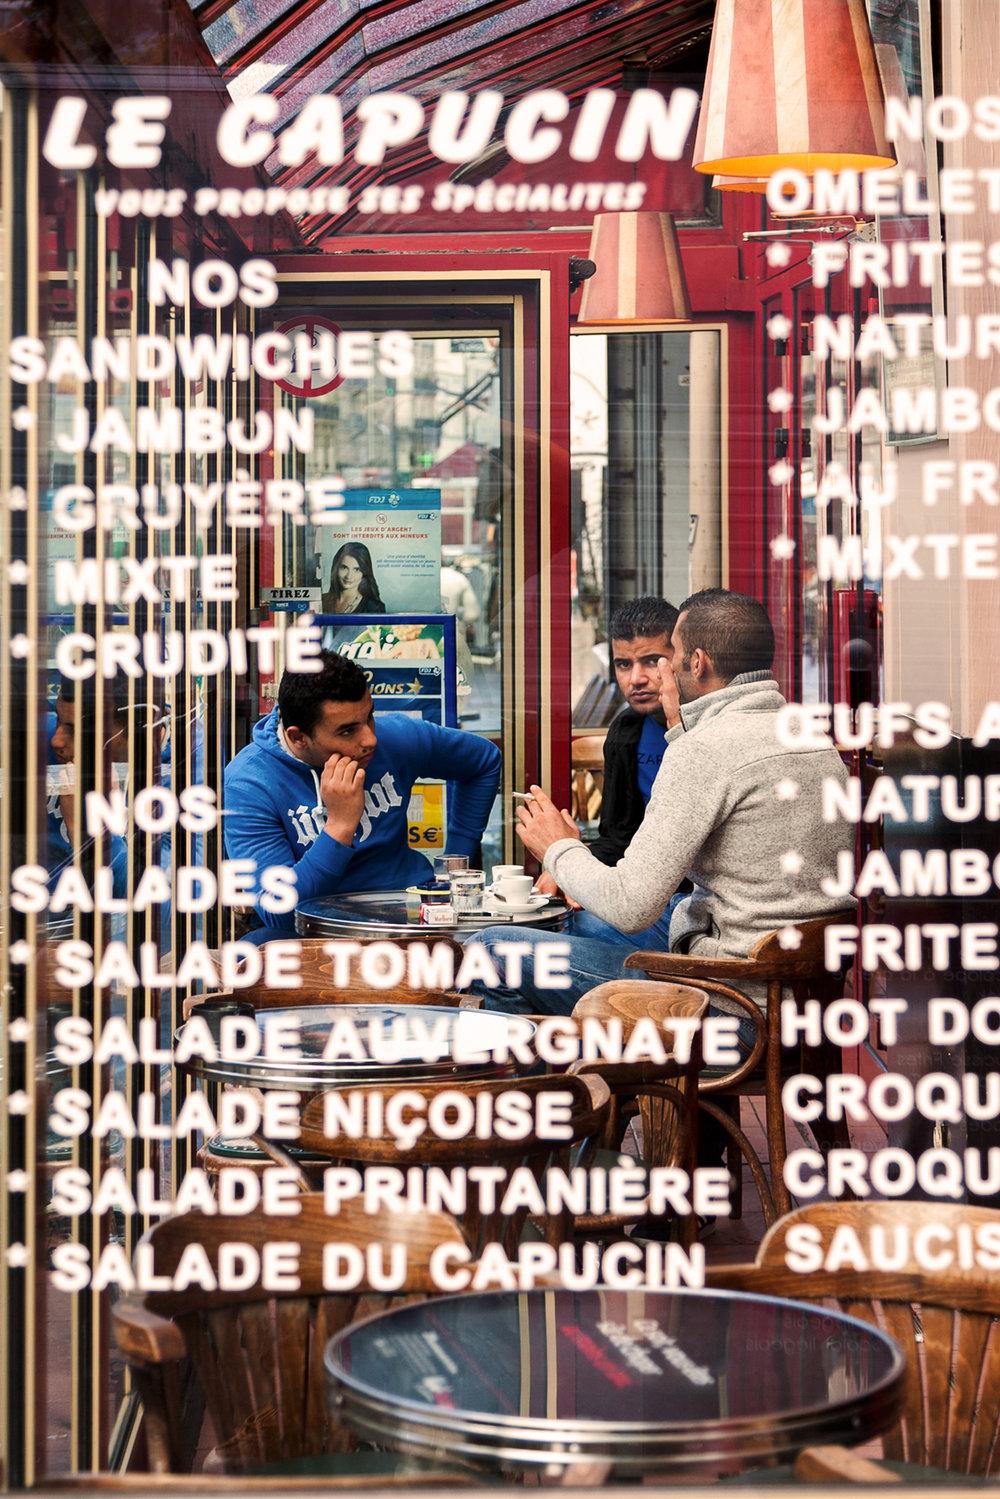 Men discussing at a classical parisian cafe on Place de La Chapelle.